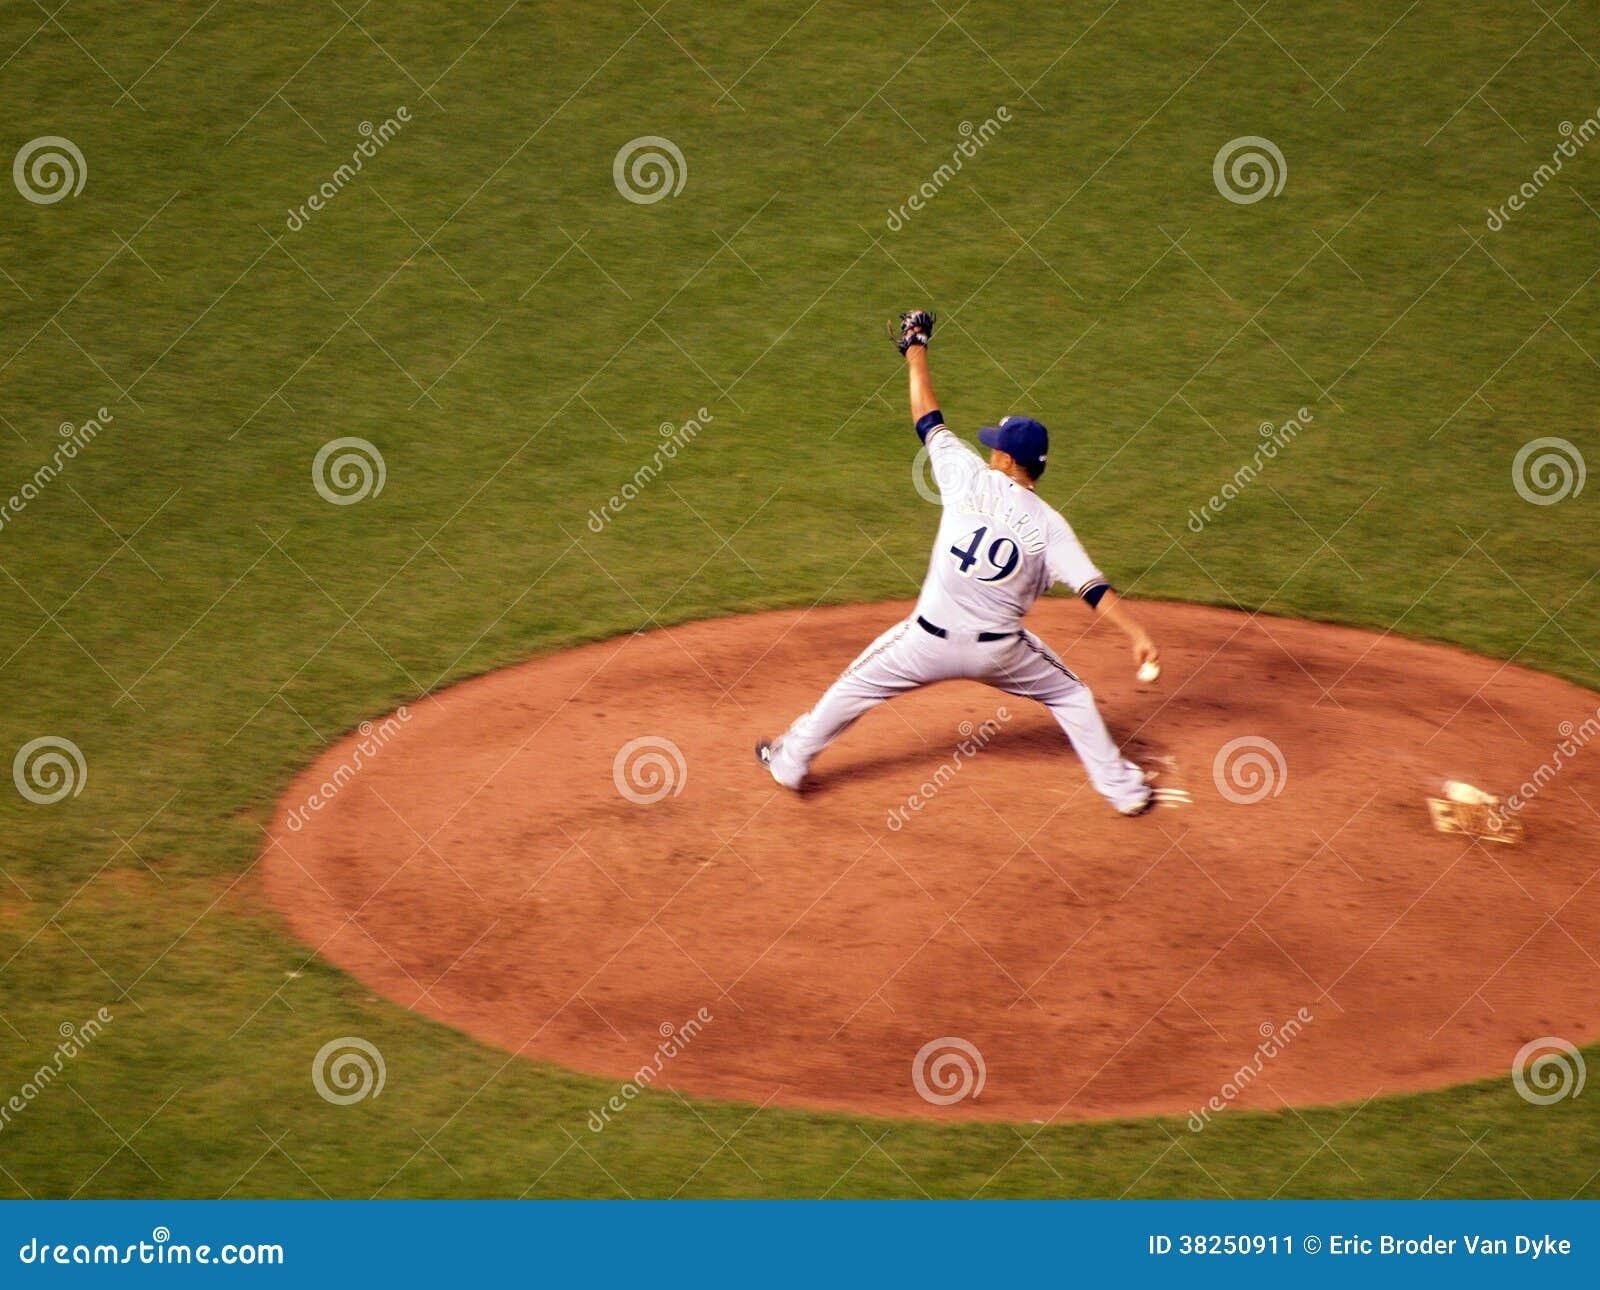 酿酒者投手尤凡尼・贾拉多在土墩今后跨步对投掷